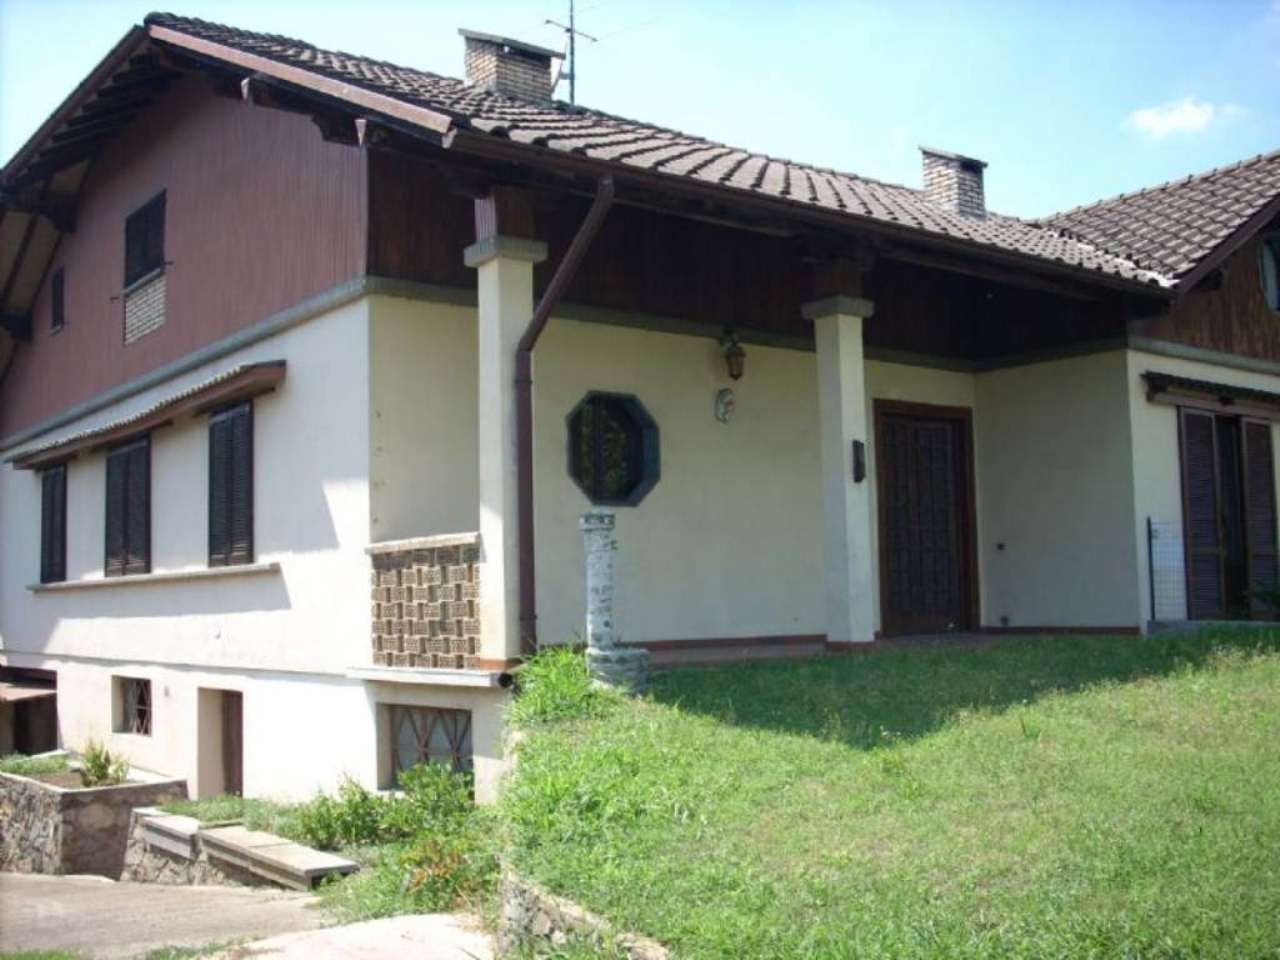 Villa Bifamiliare in Vendita a Robecchetto con Induno